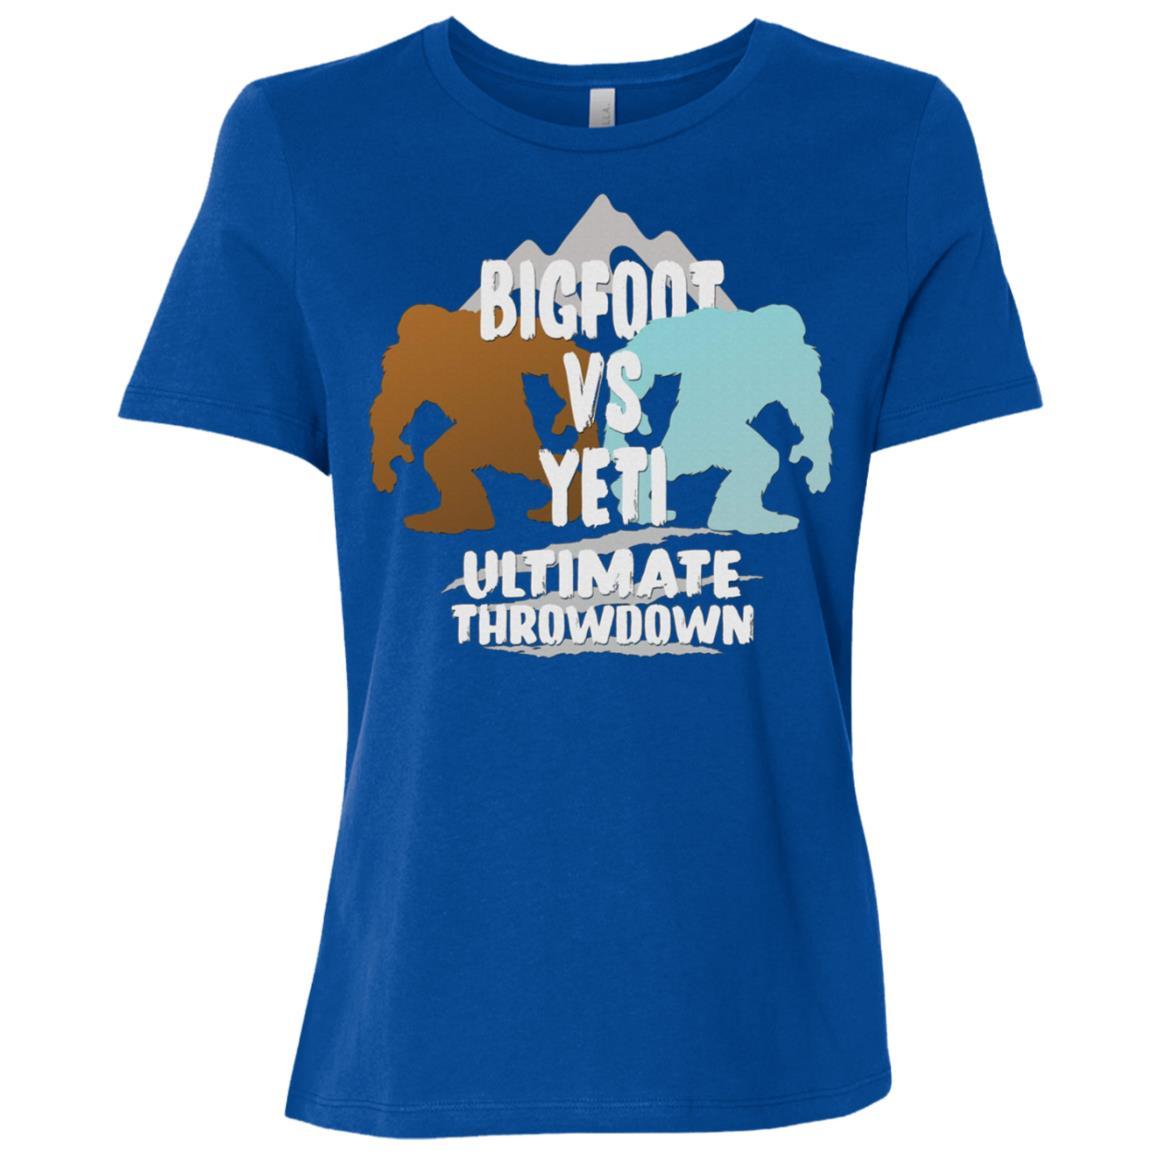 Bigfoot Vs Yeti Ultimate Throwdown Gift Women Short Sleeve T-Shirt